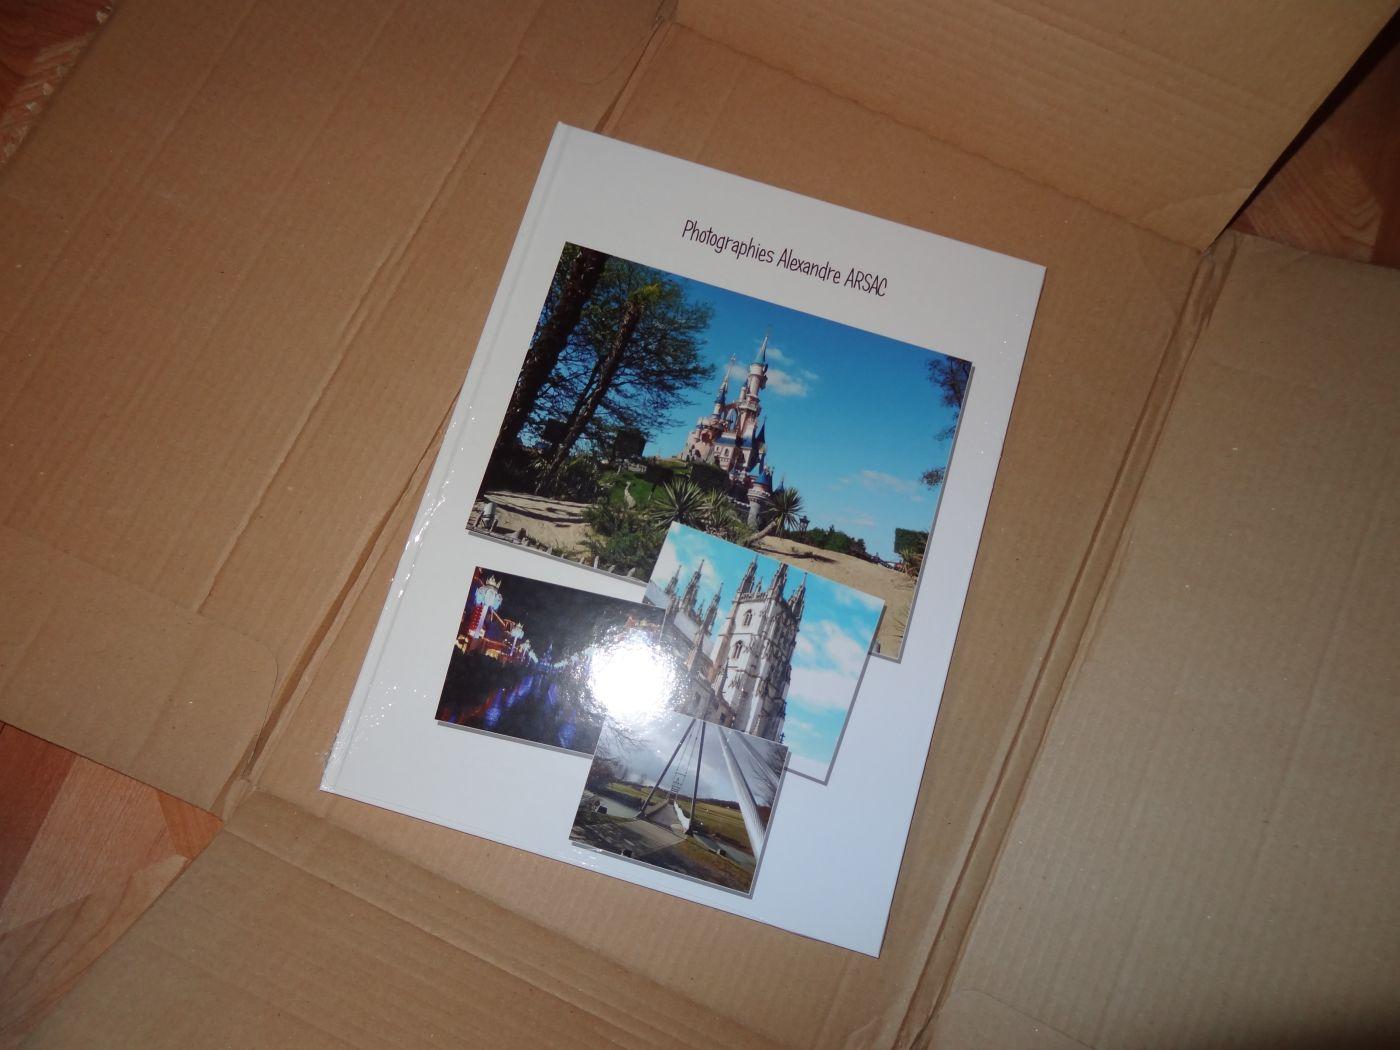 Immortalisez vos photos dans un livre avec livre-photo.com